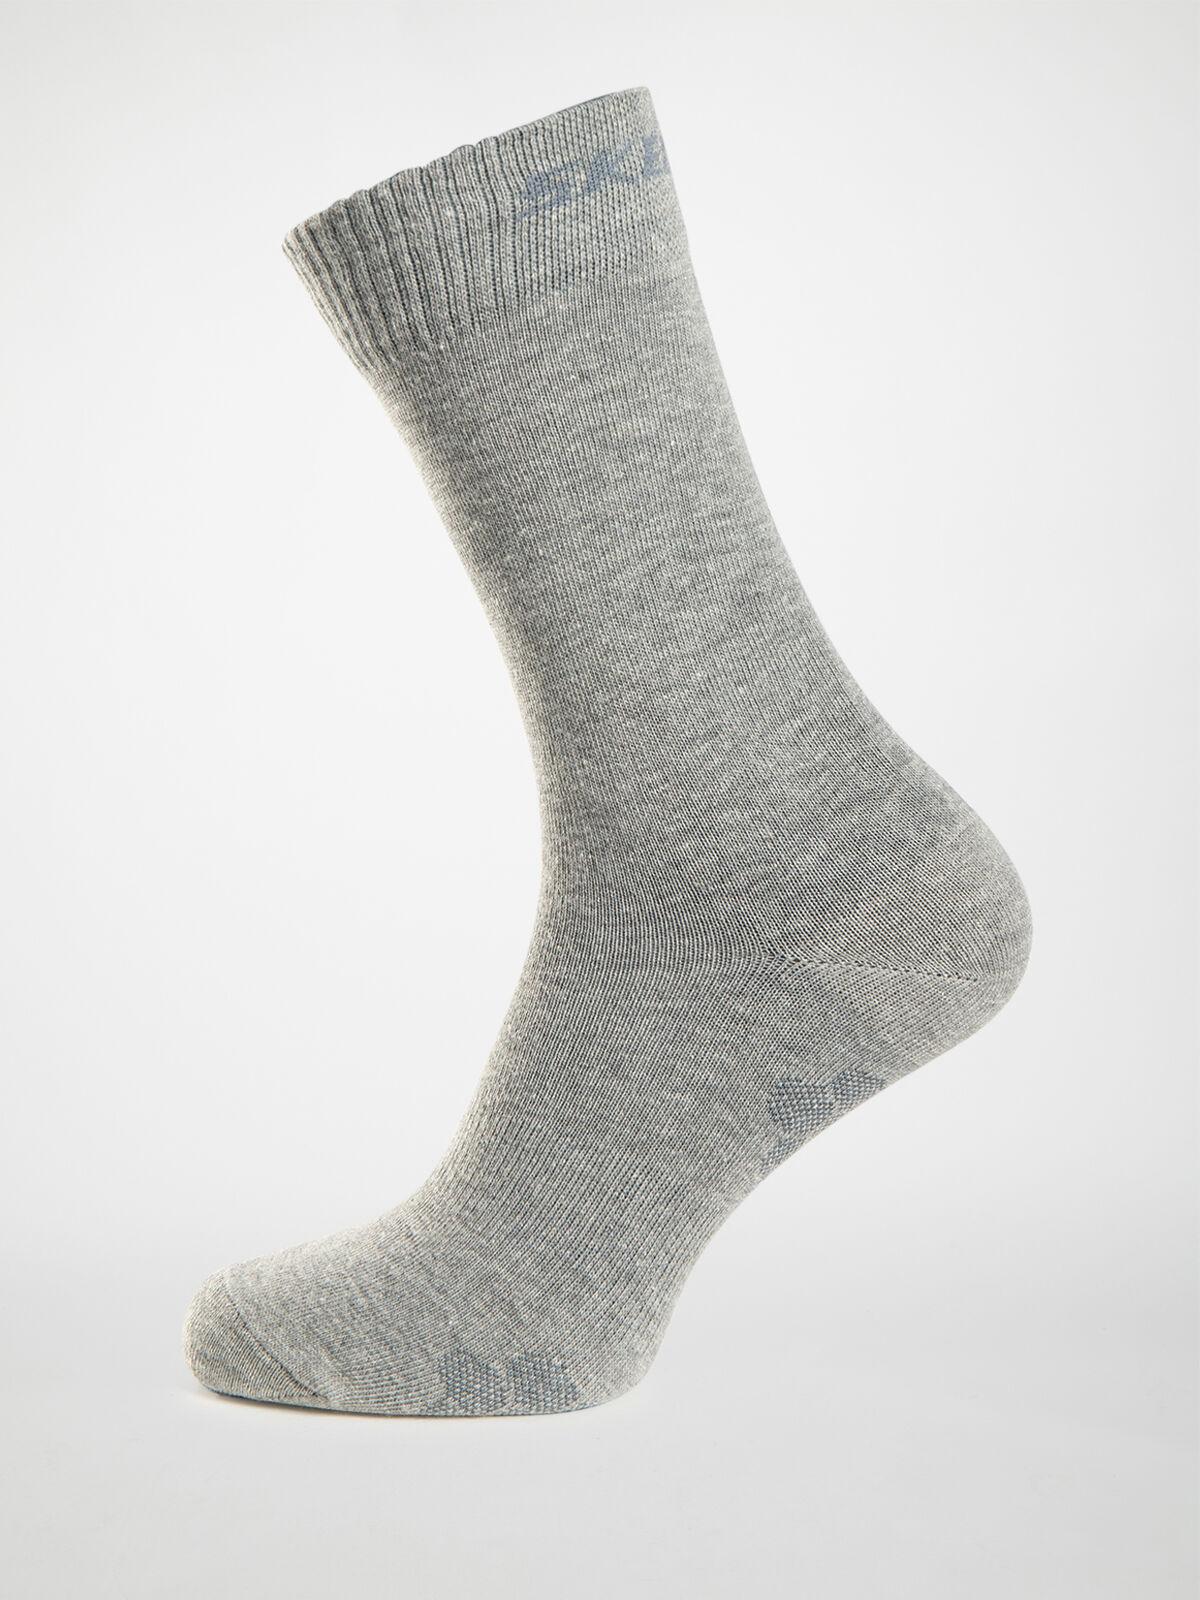 6-Pack of Socks